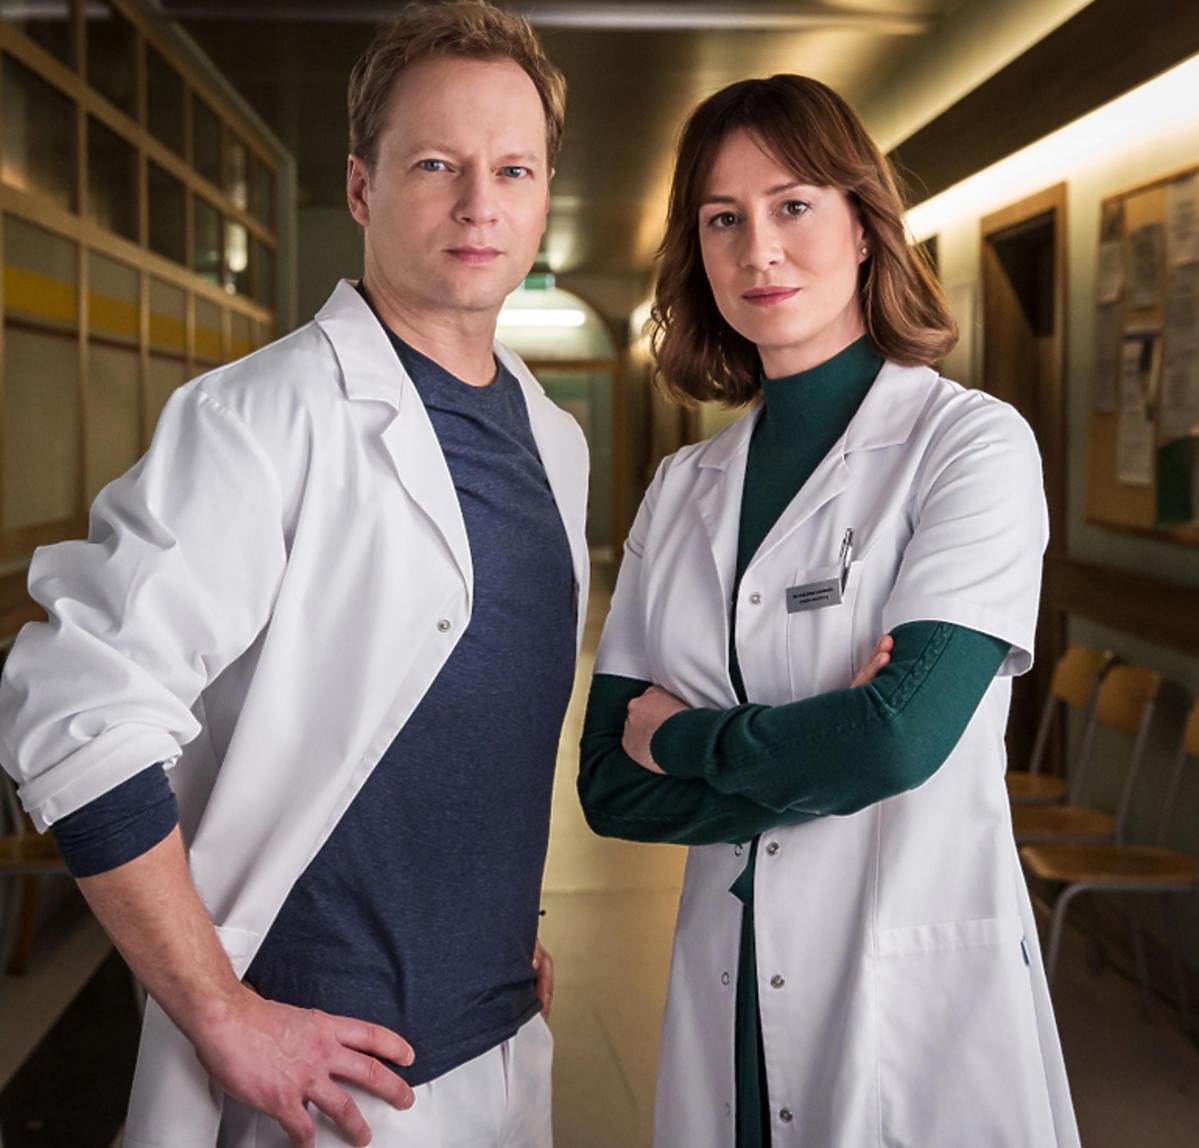 Diagnoza - co wydarzy się w 4. sezonie?